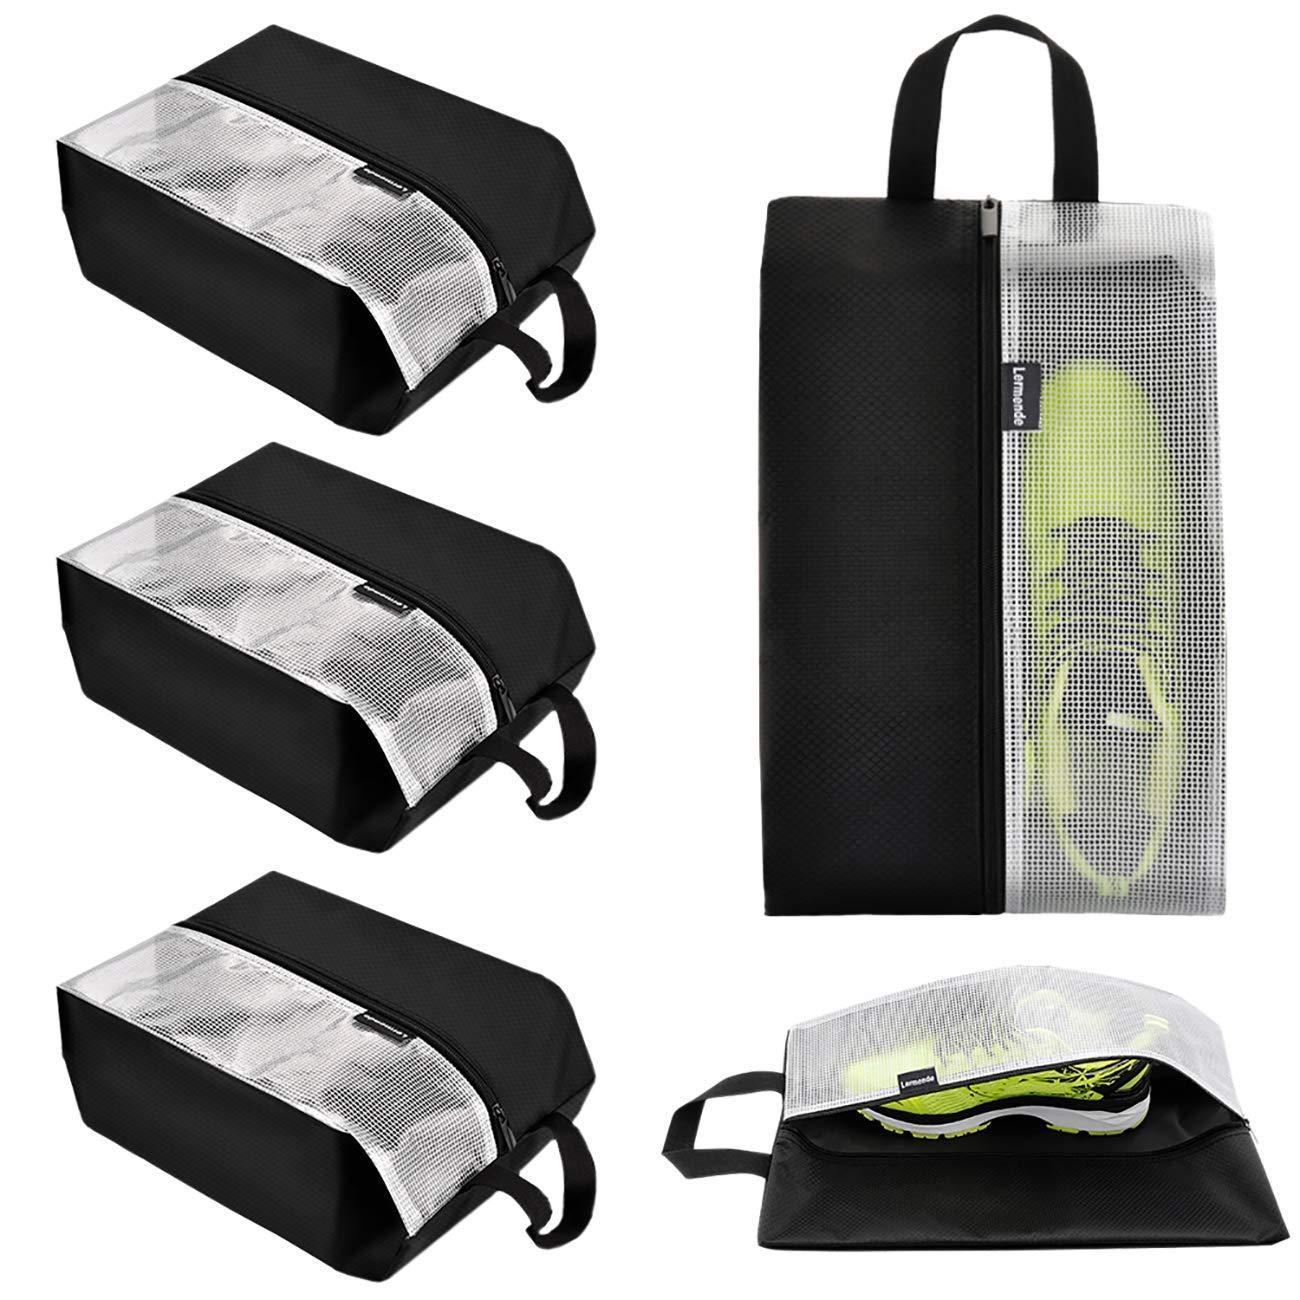 Lermende Travel Shoe Bags Waterproof Nylon Organizer Storage Tote Pouch 5pcs by Lermende